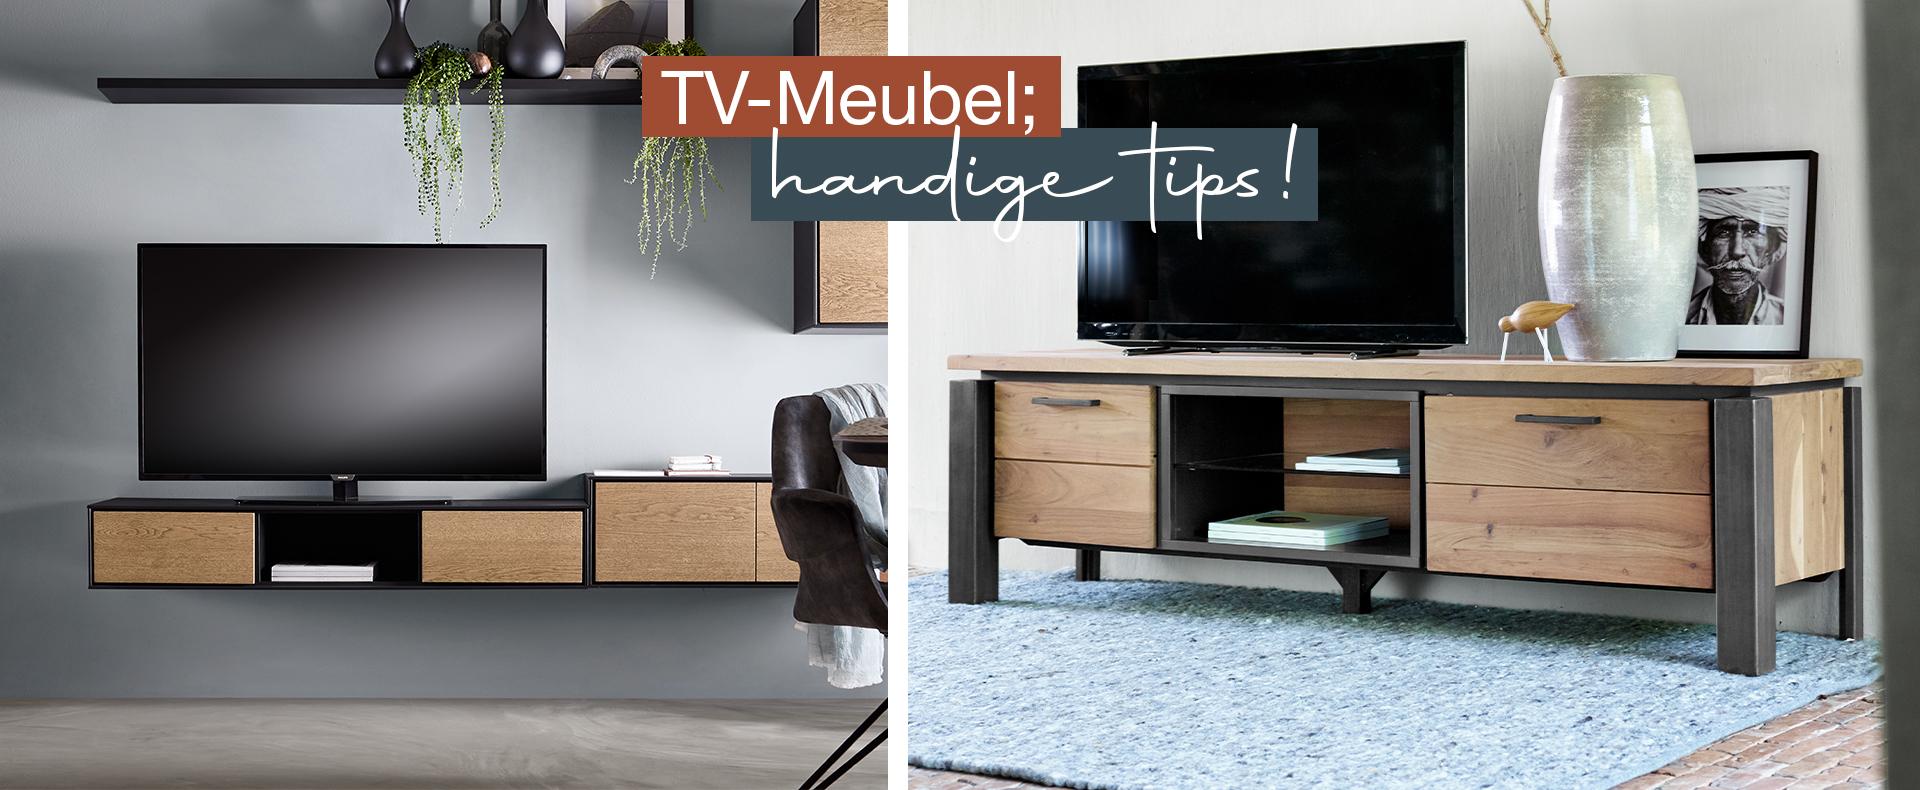 TV-Meubel; Handige tips!